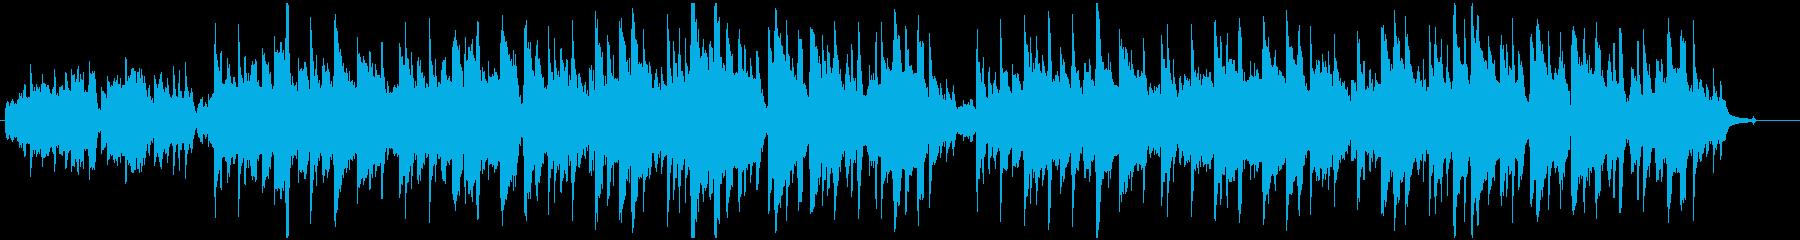 アイルランド民謡のアコースティックカバーの再生済みの波形